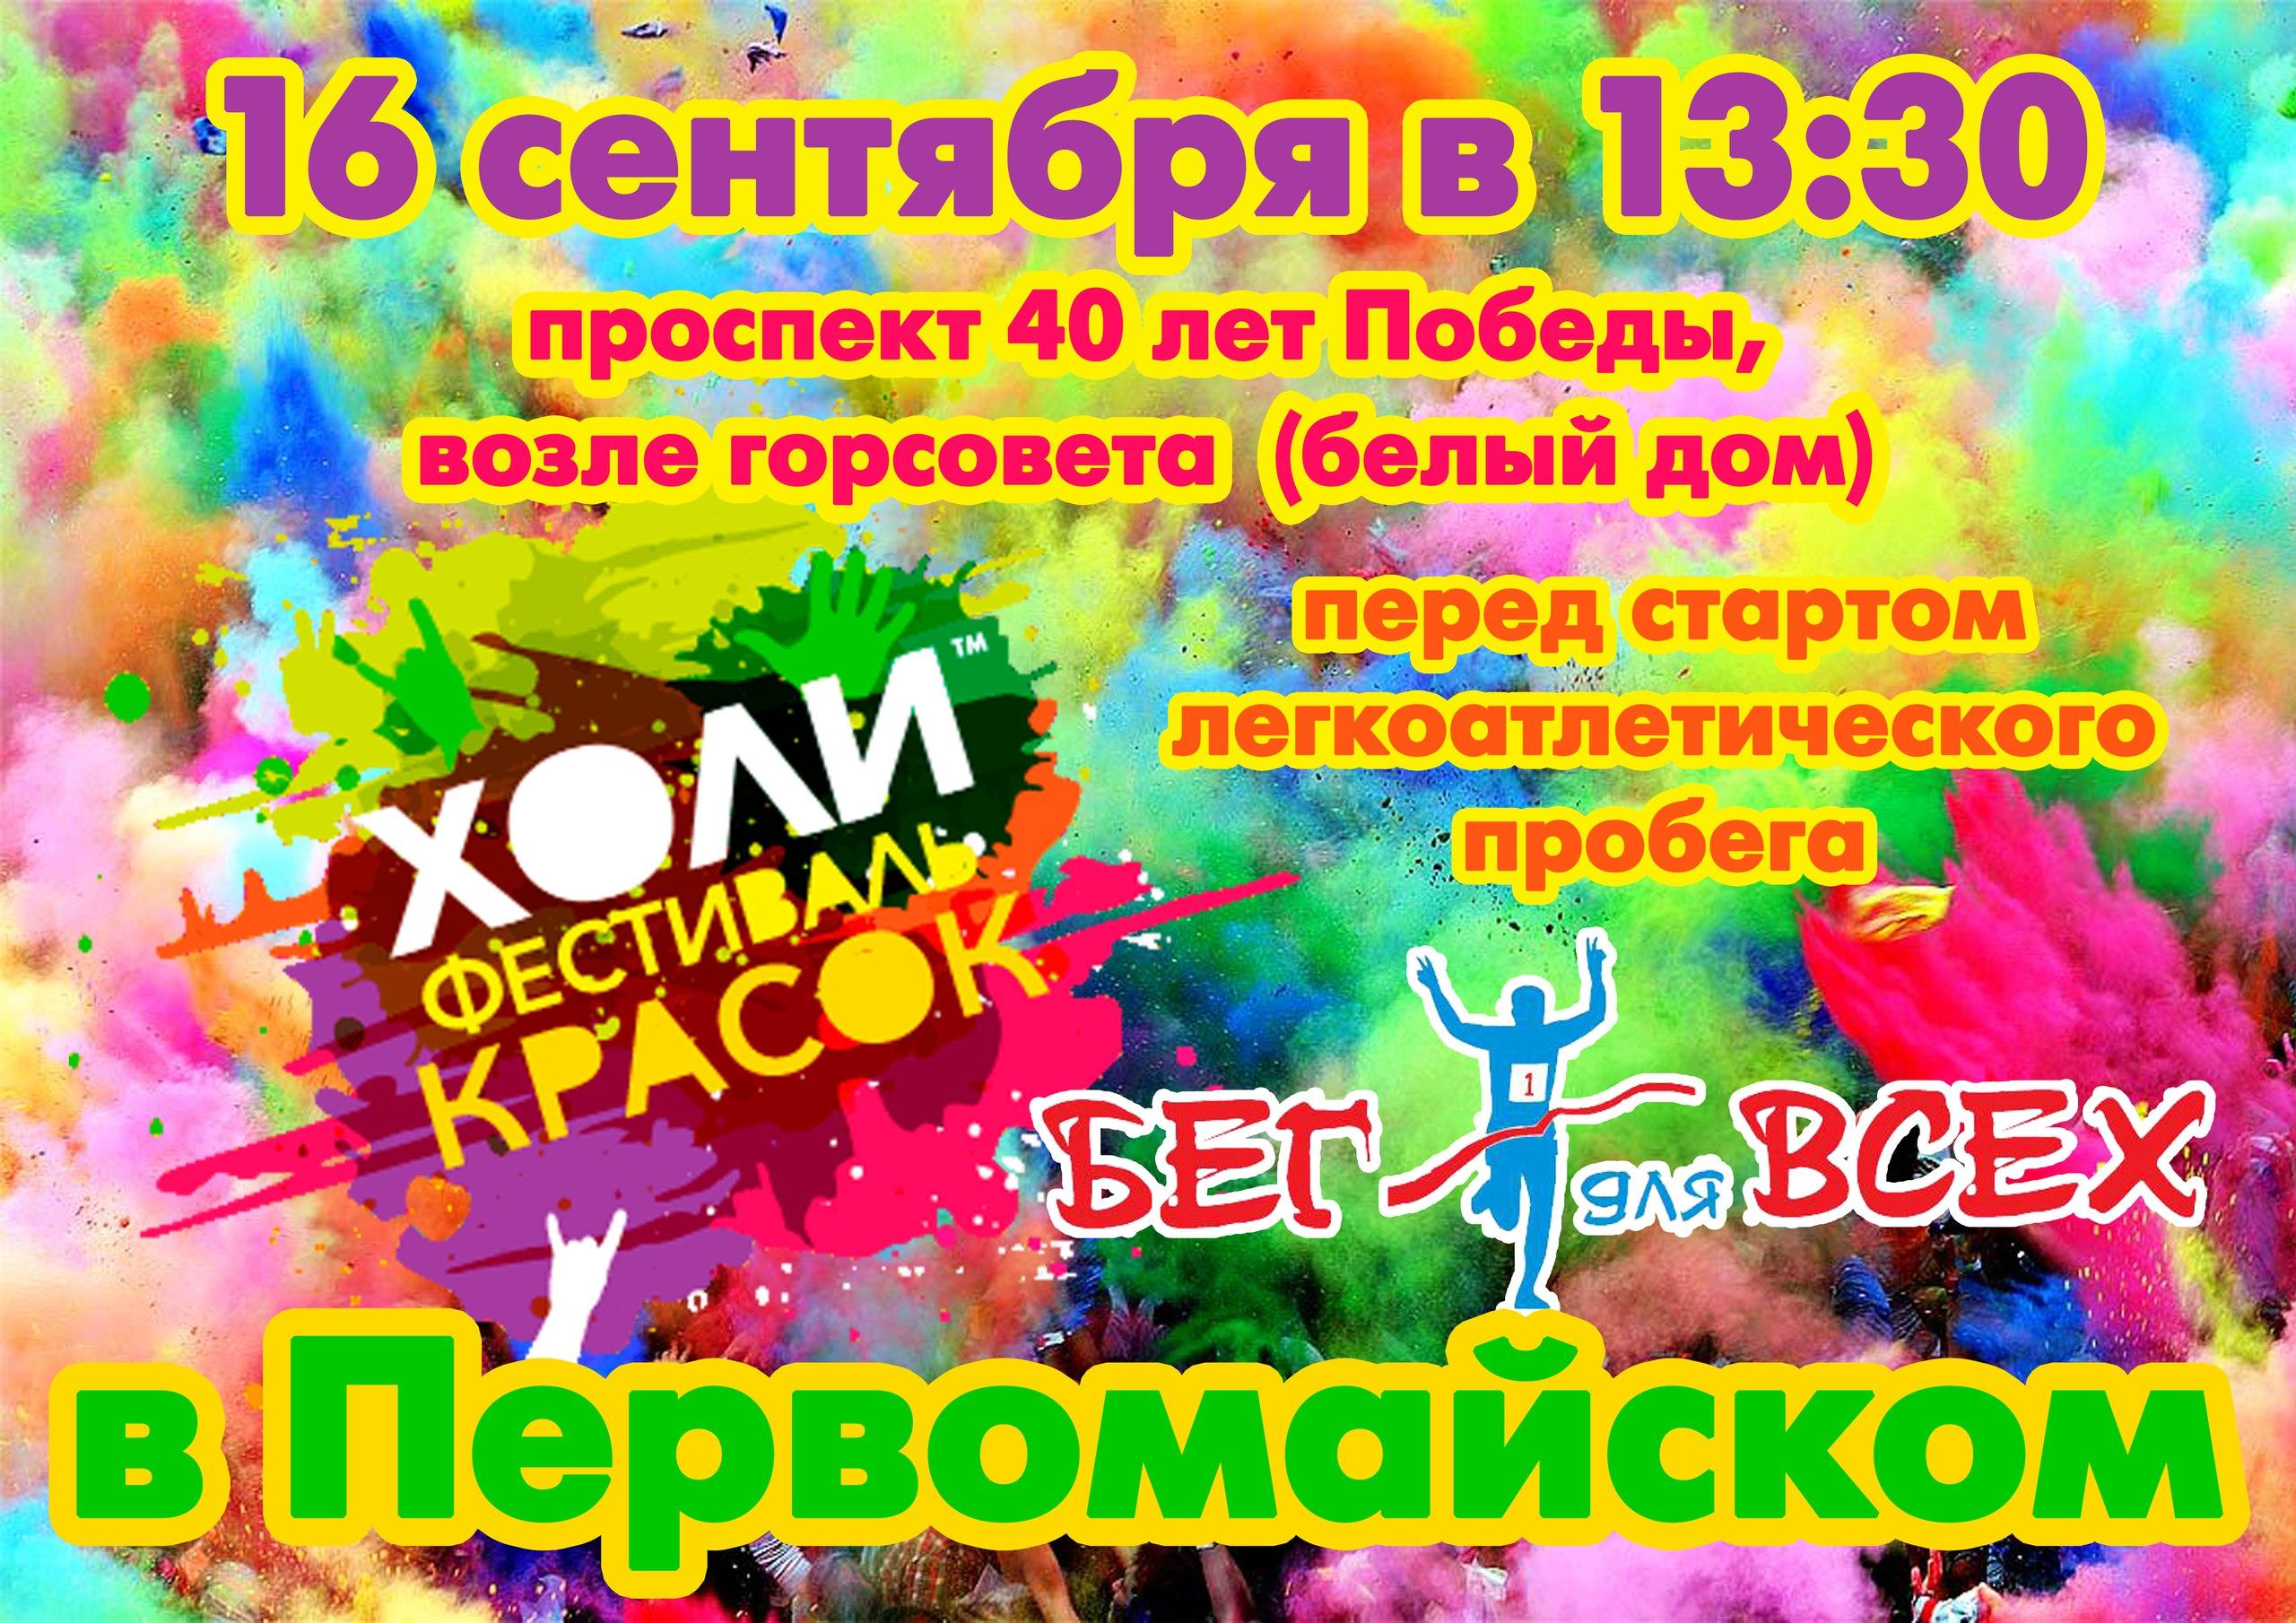 Бег для всех с красками Холи в Первомайске!